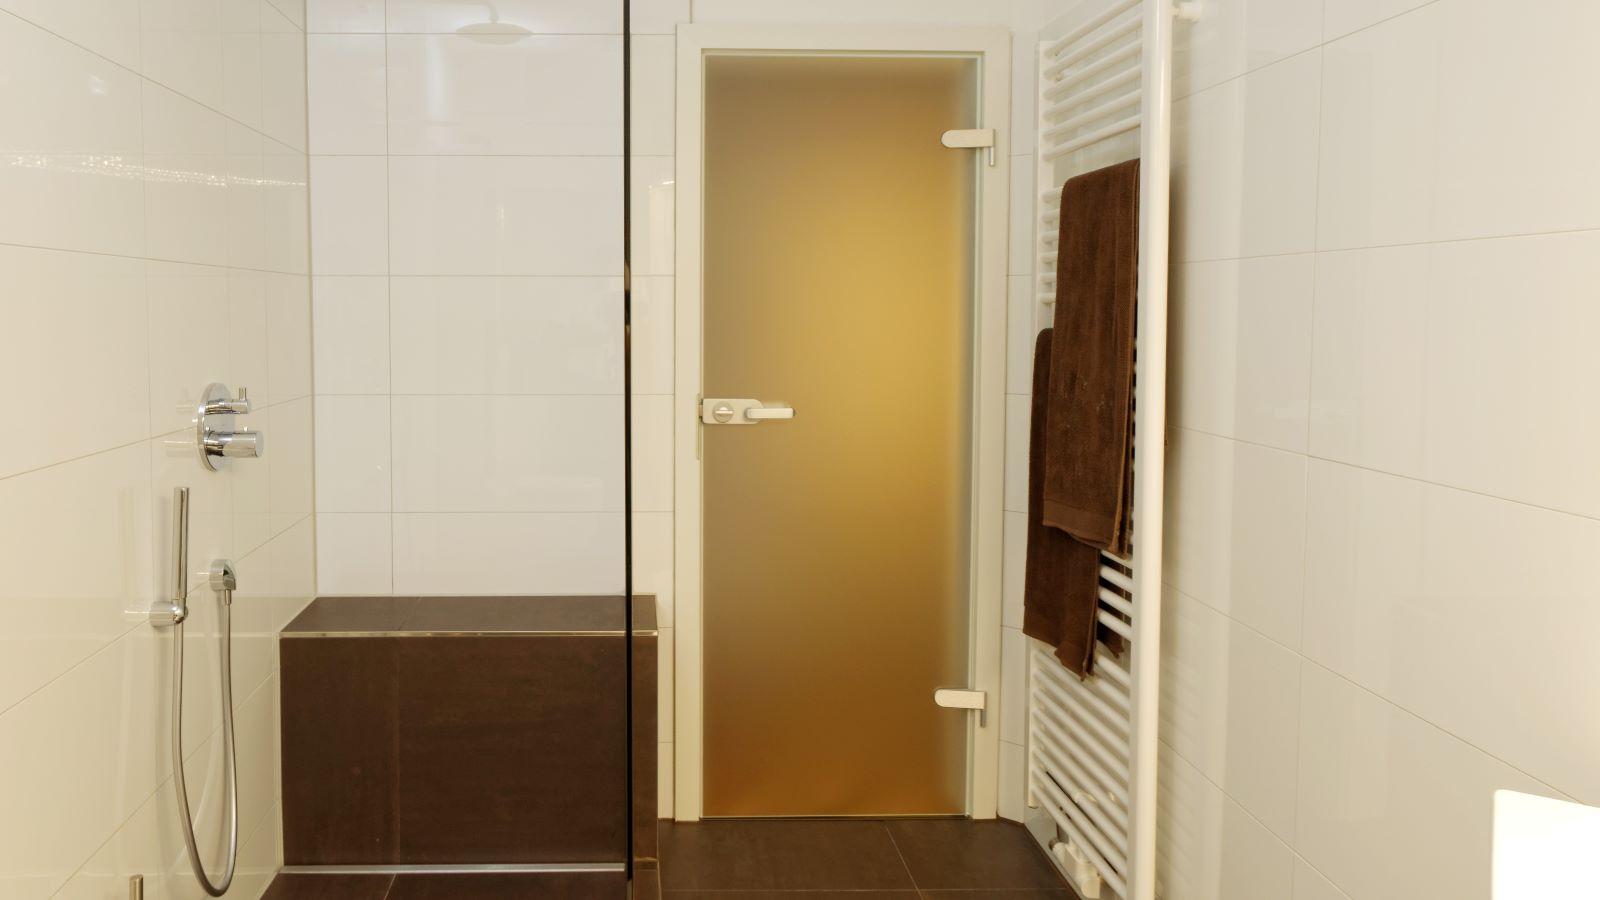 Abgebildet ist die in einer barrierefreien dusche unauffaellig vor einer sitzbank eingebaute, zeitlose v4a edelstahl-duschrinne pro. Cm-genau massgefertigt bis 600 cm laenge, laesst sich die pflegeleichte duschrinne pro einfach zwischen wand und transparenter glasduschwand einbauen. Durch ihre sehr hohe ablaufleistung ermoeglicht die robuste duschrinne pro eine sehr gute linienentwaesserung der bodengleichen dusche. Diese bodengleiche dusche mit grossformatigen boden- und wandfliesen befindet sich in einem kleinen bad.